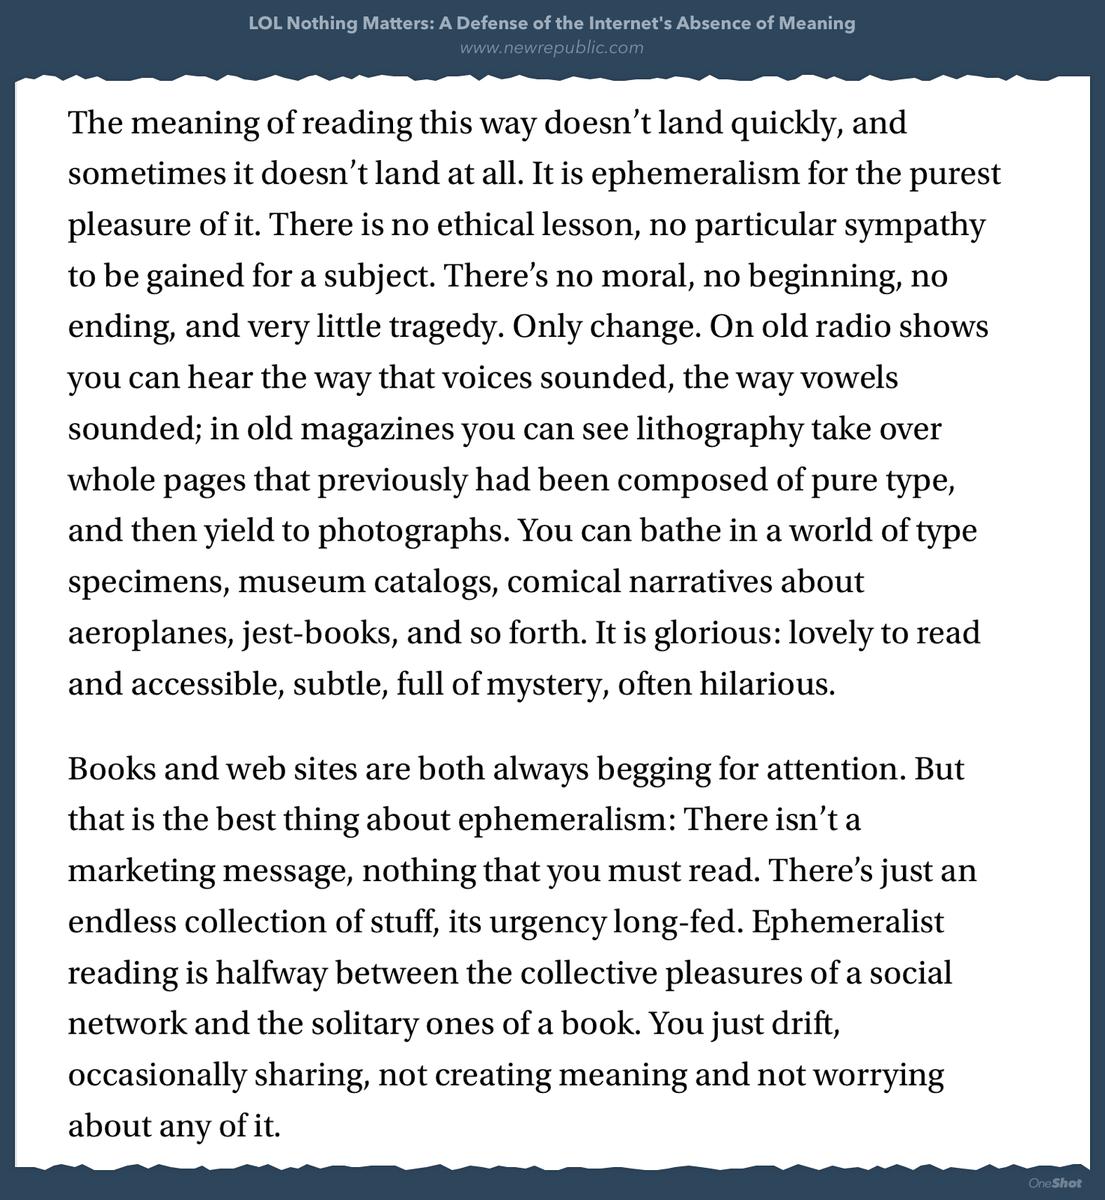 """""""I particularly like databases of dead media"""" +++ @ftrain on ephemeralist reading https://t.co/HeZmyGgKmF https://t.co/55jUNwvWmZ"""